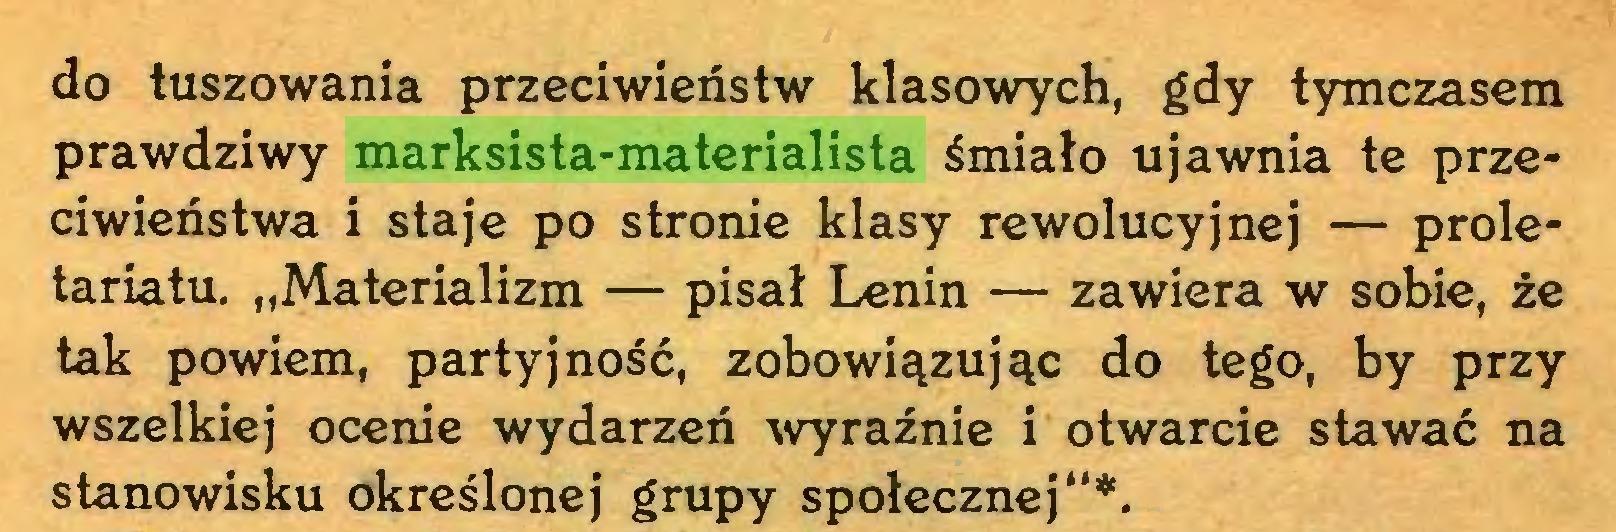 """(...) do tuszowania przeciwieństw klasowych, gdy tymczasem prawdziwy marksista-materialista śmiało ujawnia te przeciwieństwa i staje po stronie klasy rewolucyjnej — proletariatu. """"Materializm — pisał Lenin — zawiera w sobie, że tak powiem, partyjność, zobowiązując do tego, by przy wszelkiej ocenie wydarzeń wyraźnie i otwarcie stawać na stanowisku określonej grupy społecznej""""*..."""